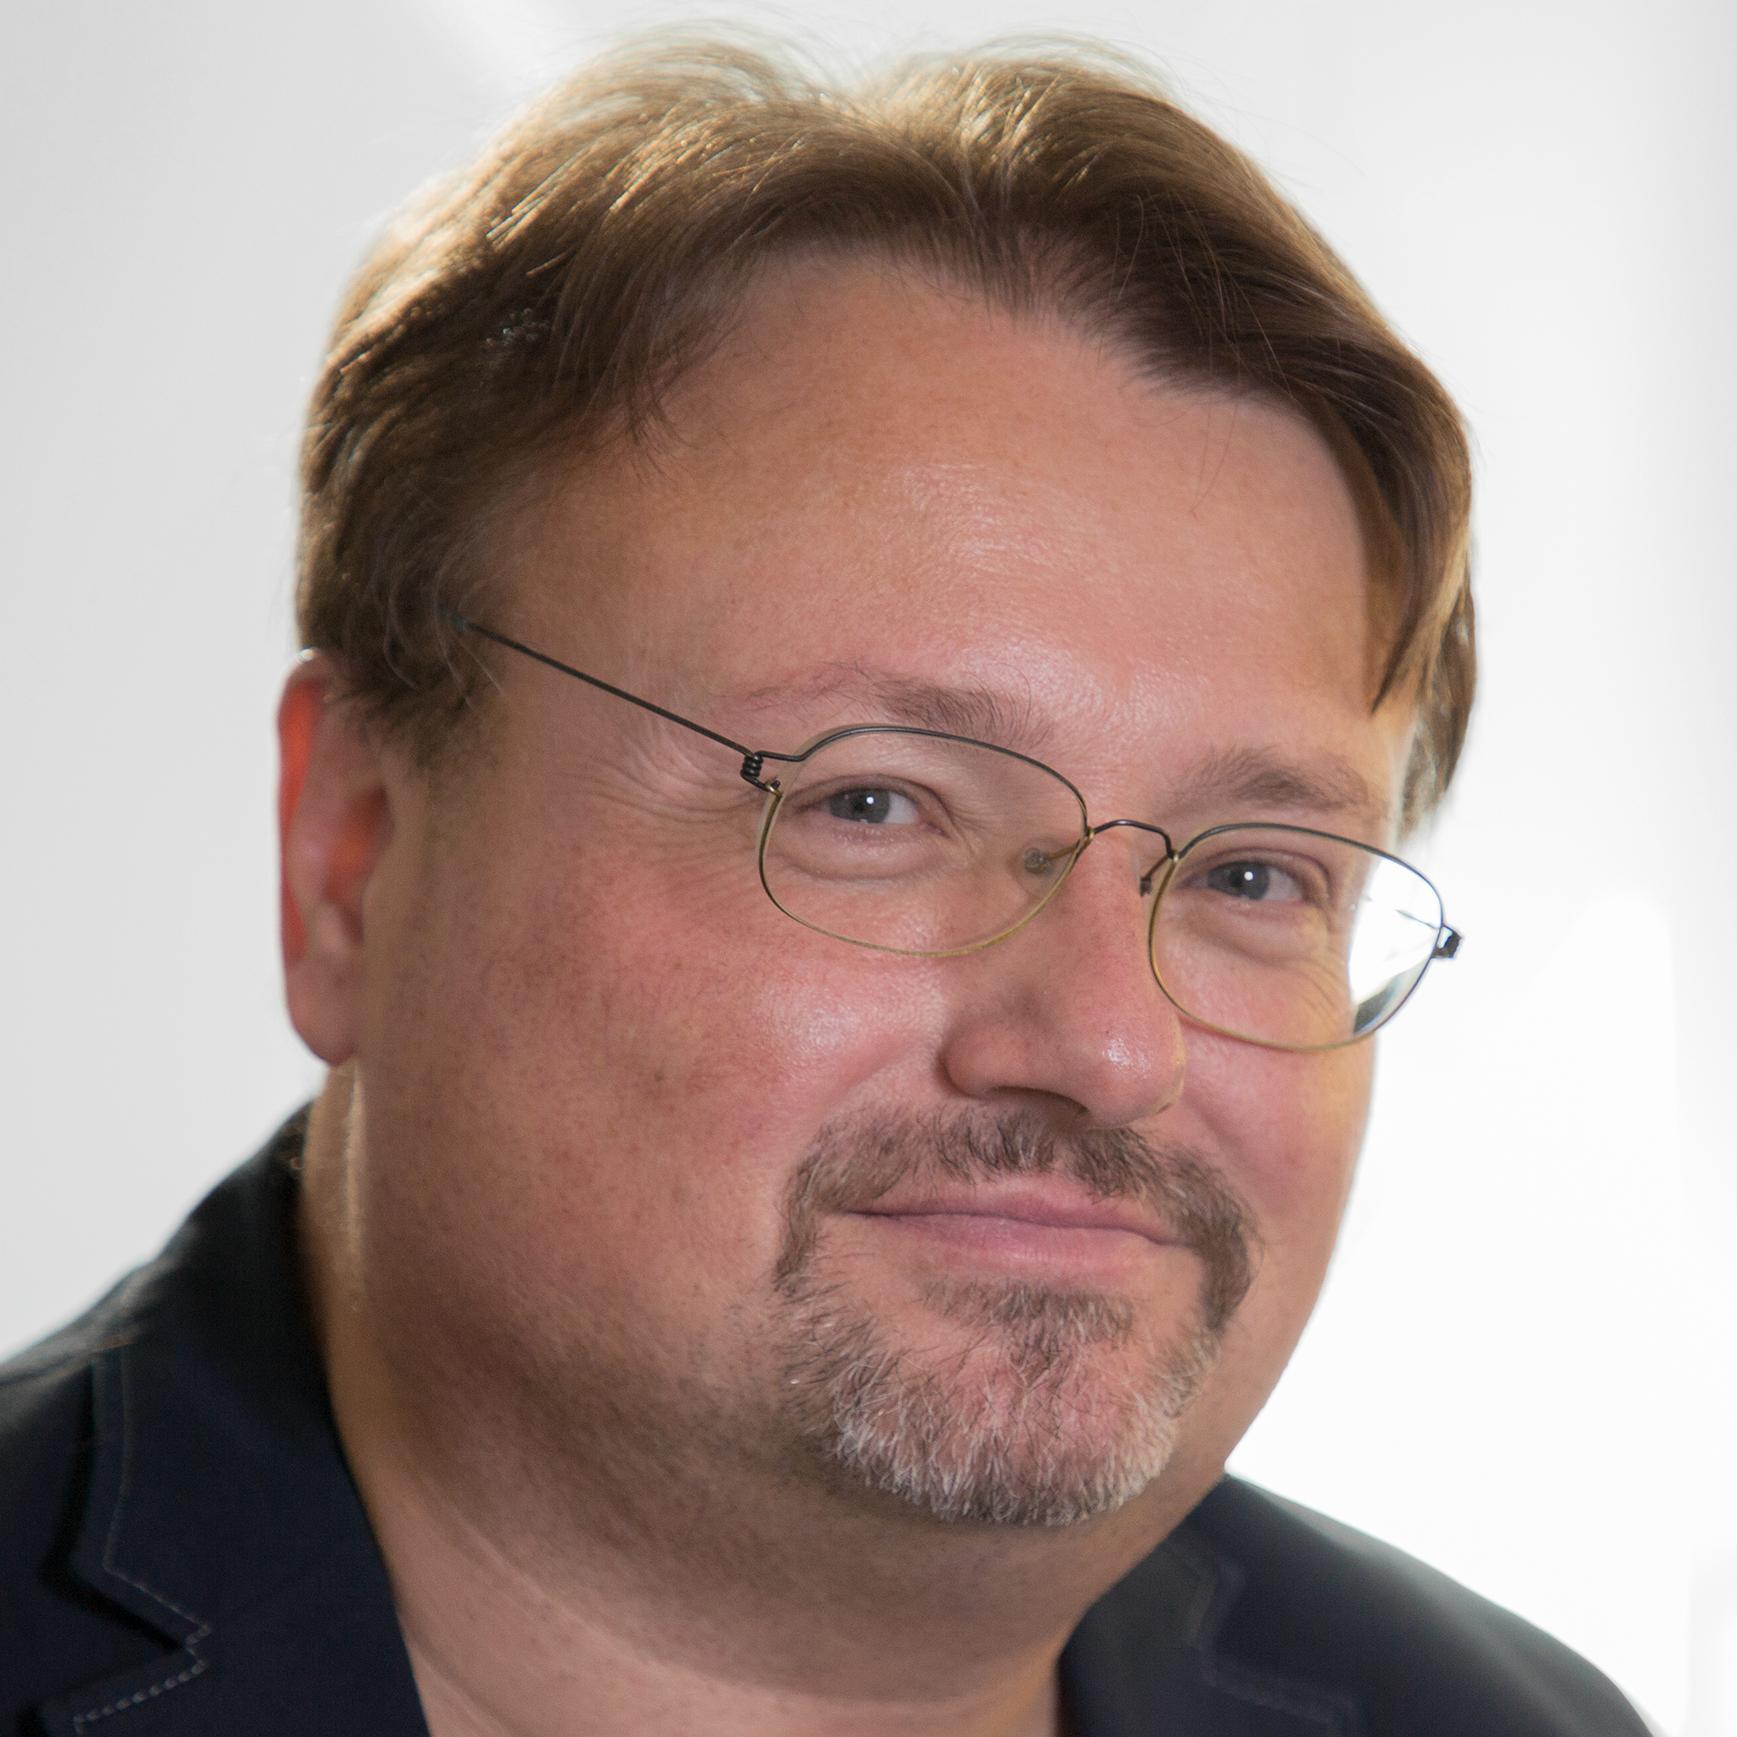 Stefan Mekiska